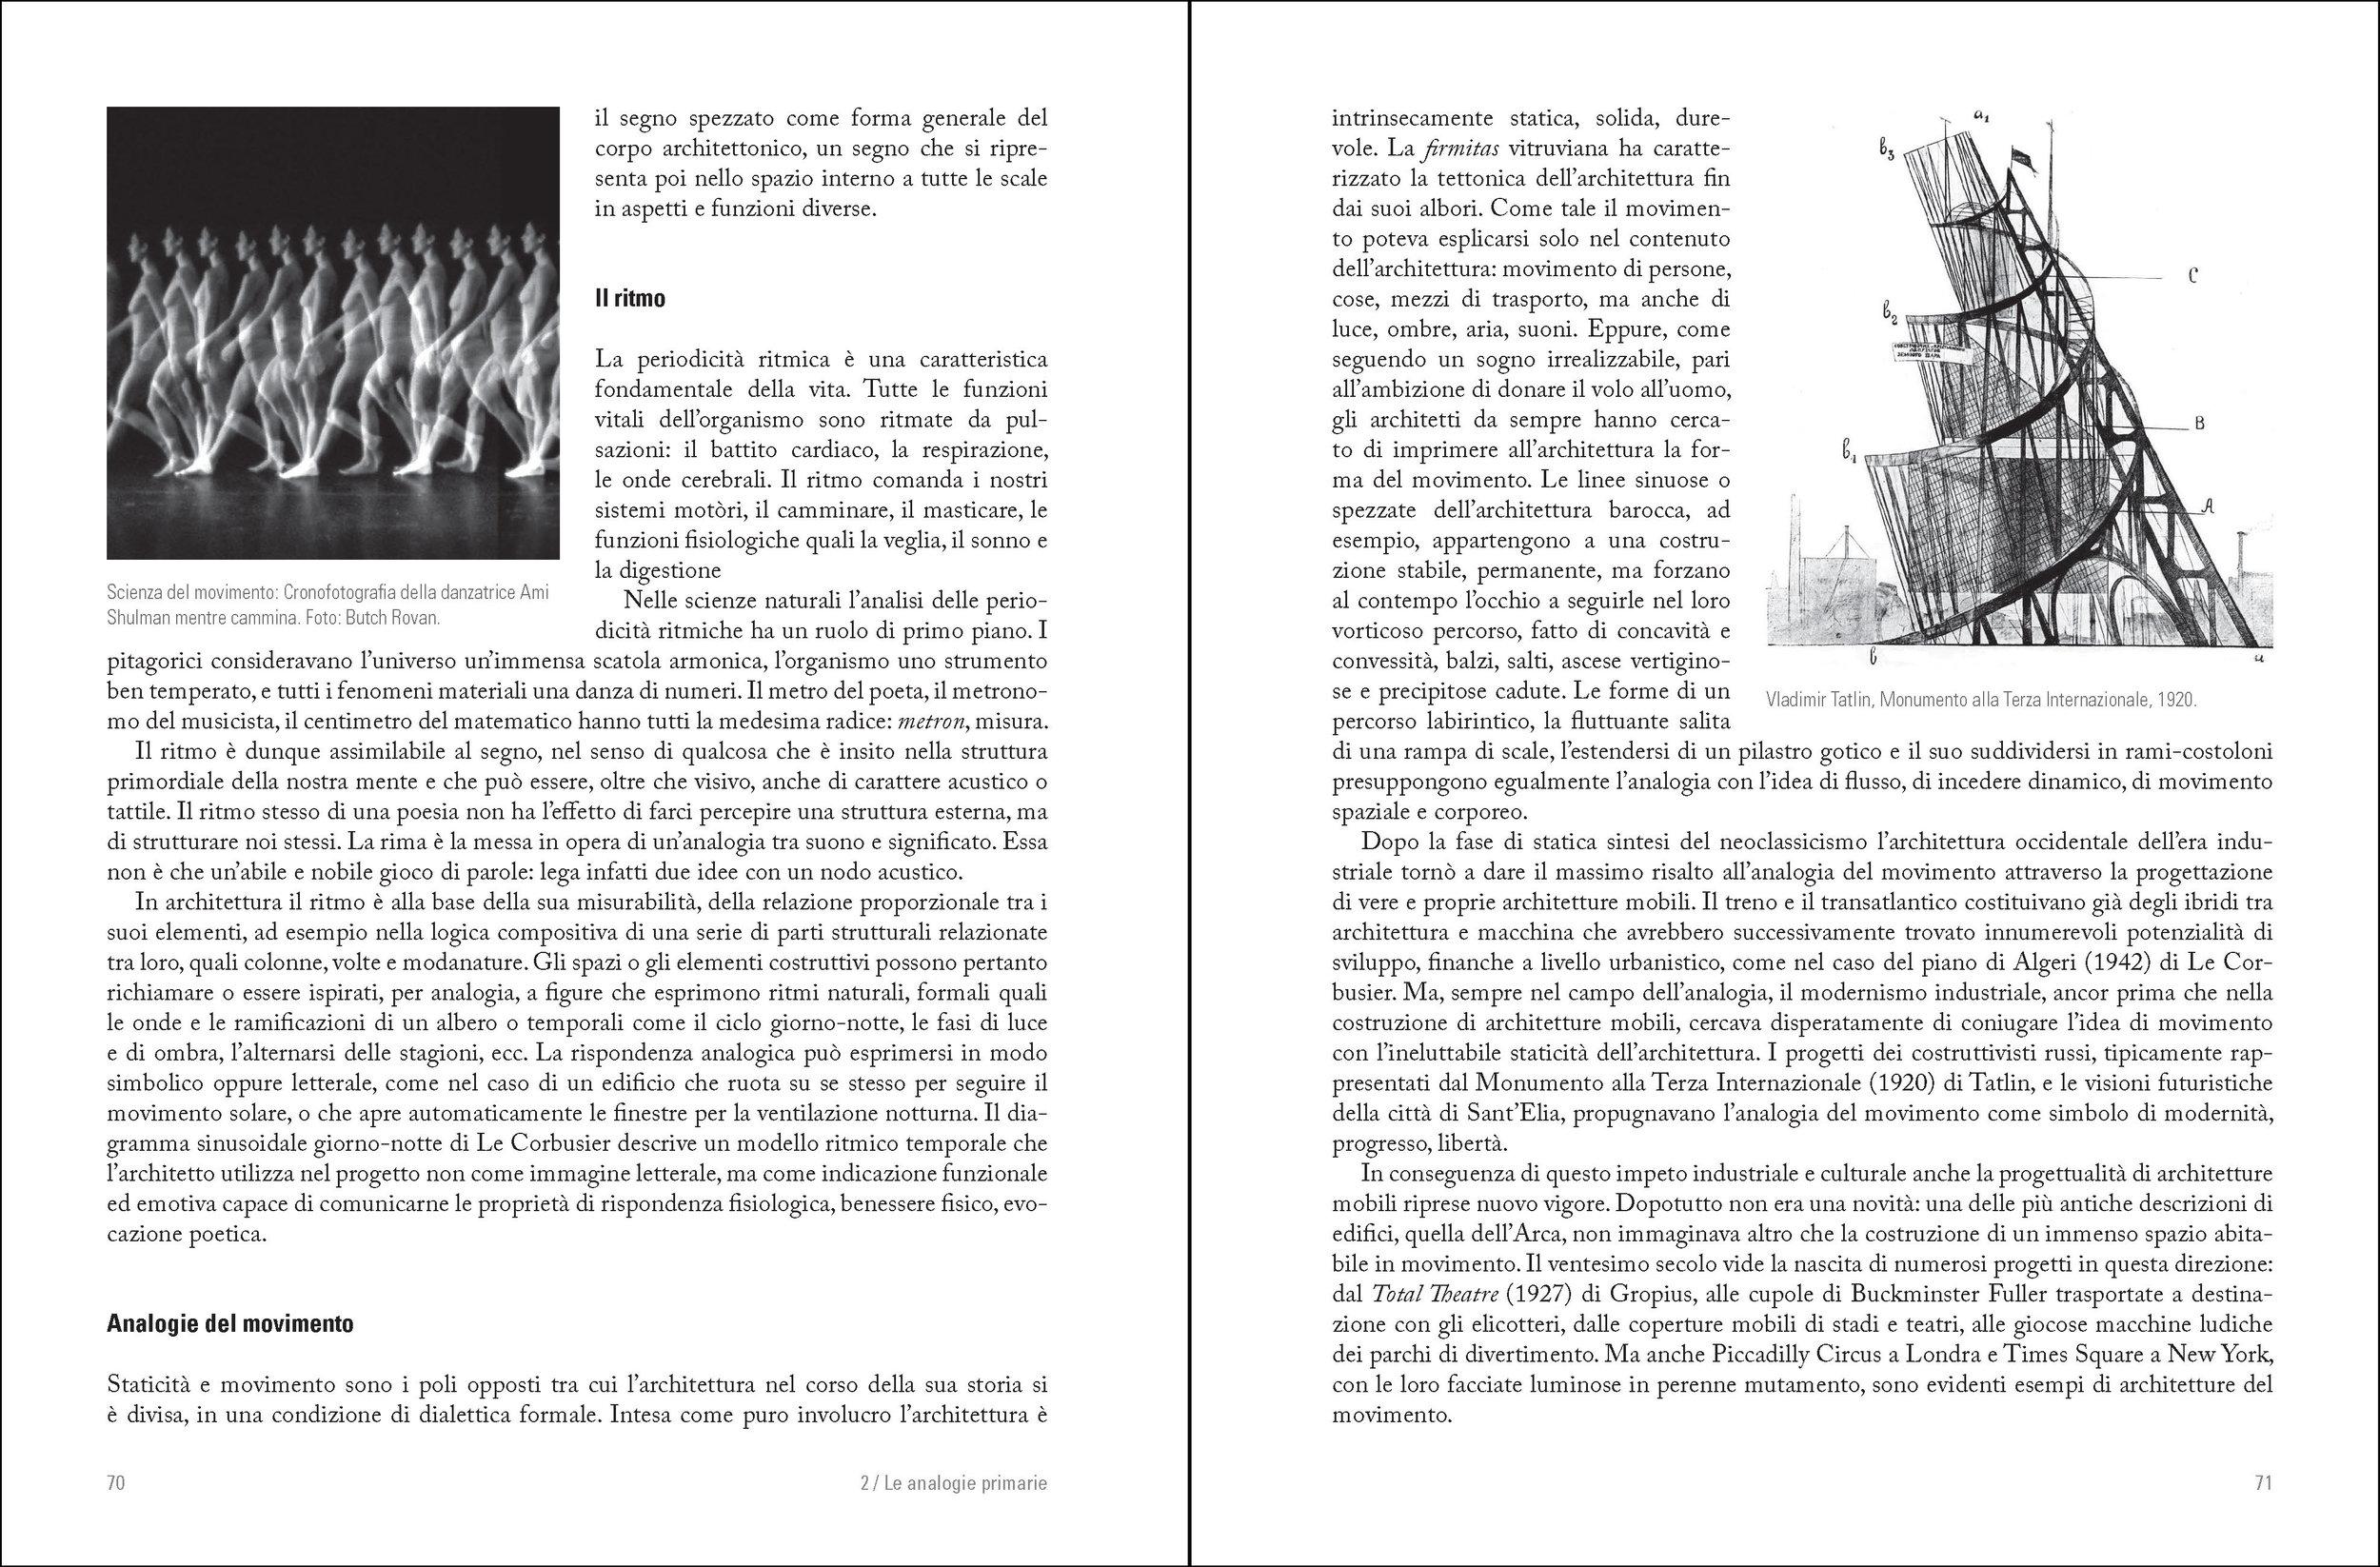 L'Architettura dell'Analogia_SPREADS_5.jpg